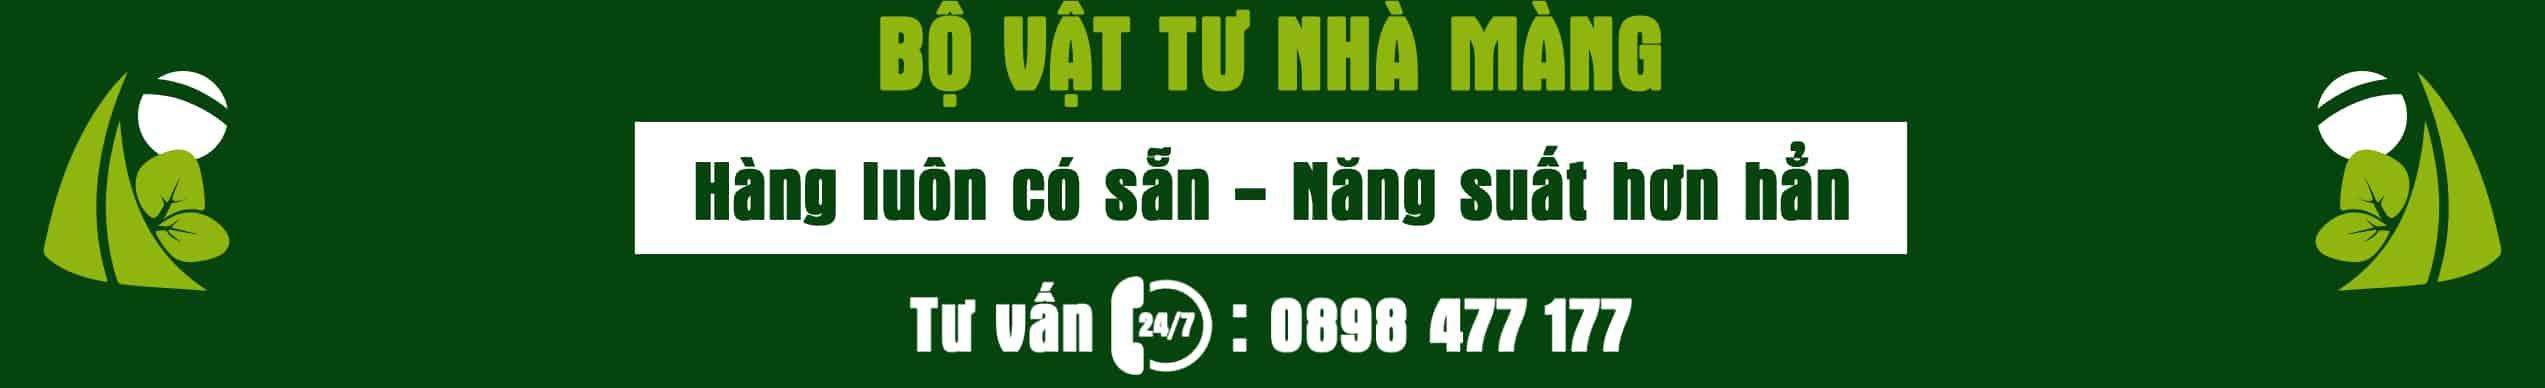 Bo-vat-tu-nha-mang-Thuy-Canh-Mien-Nam